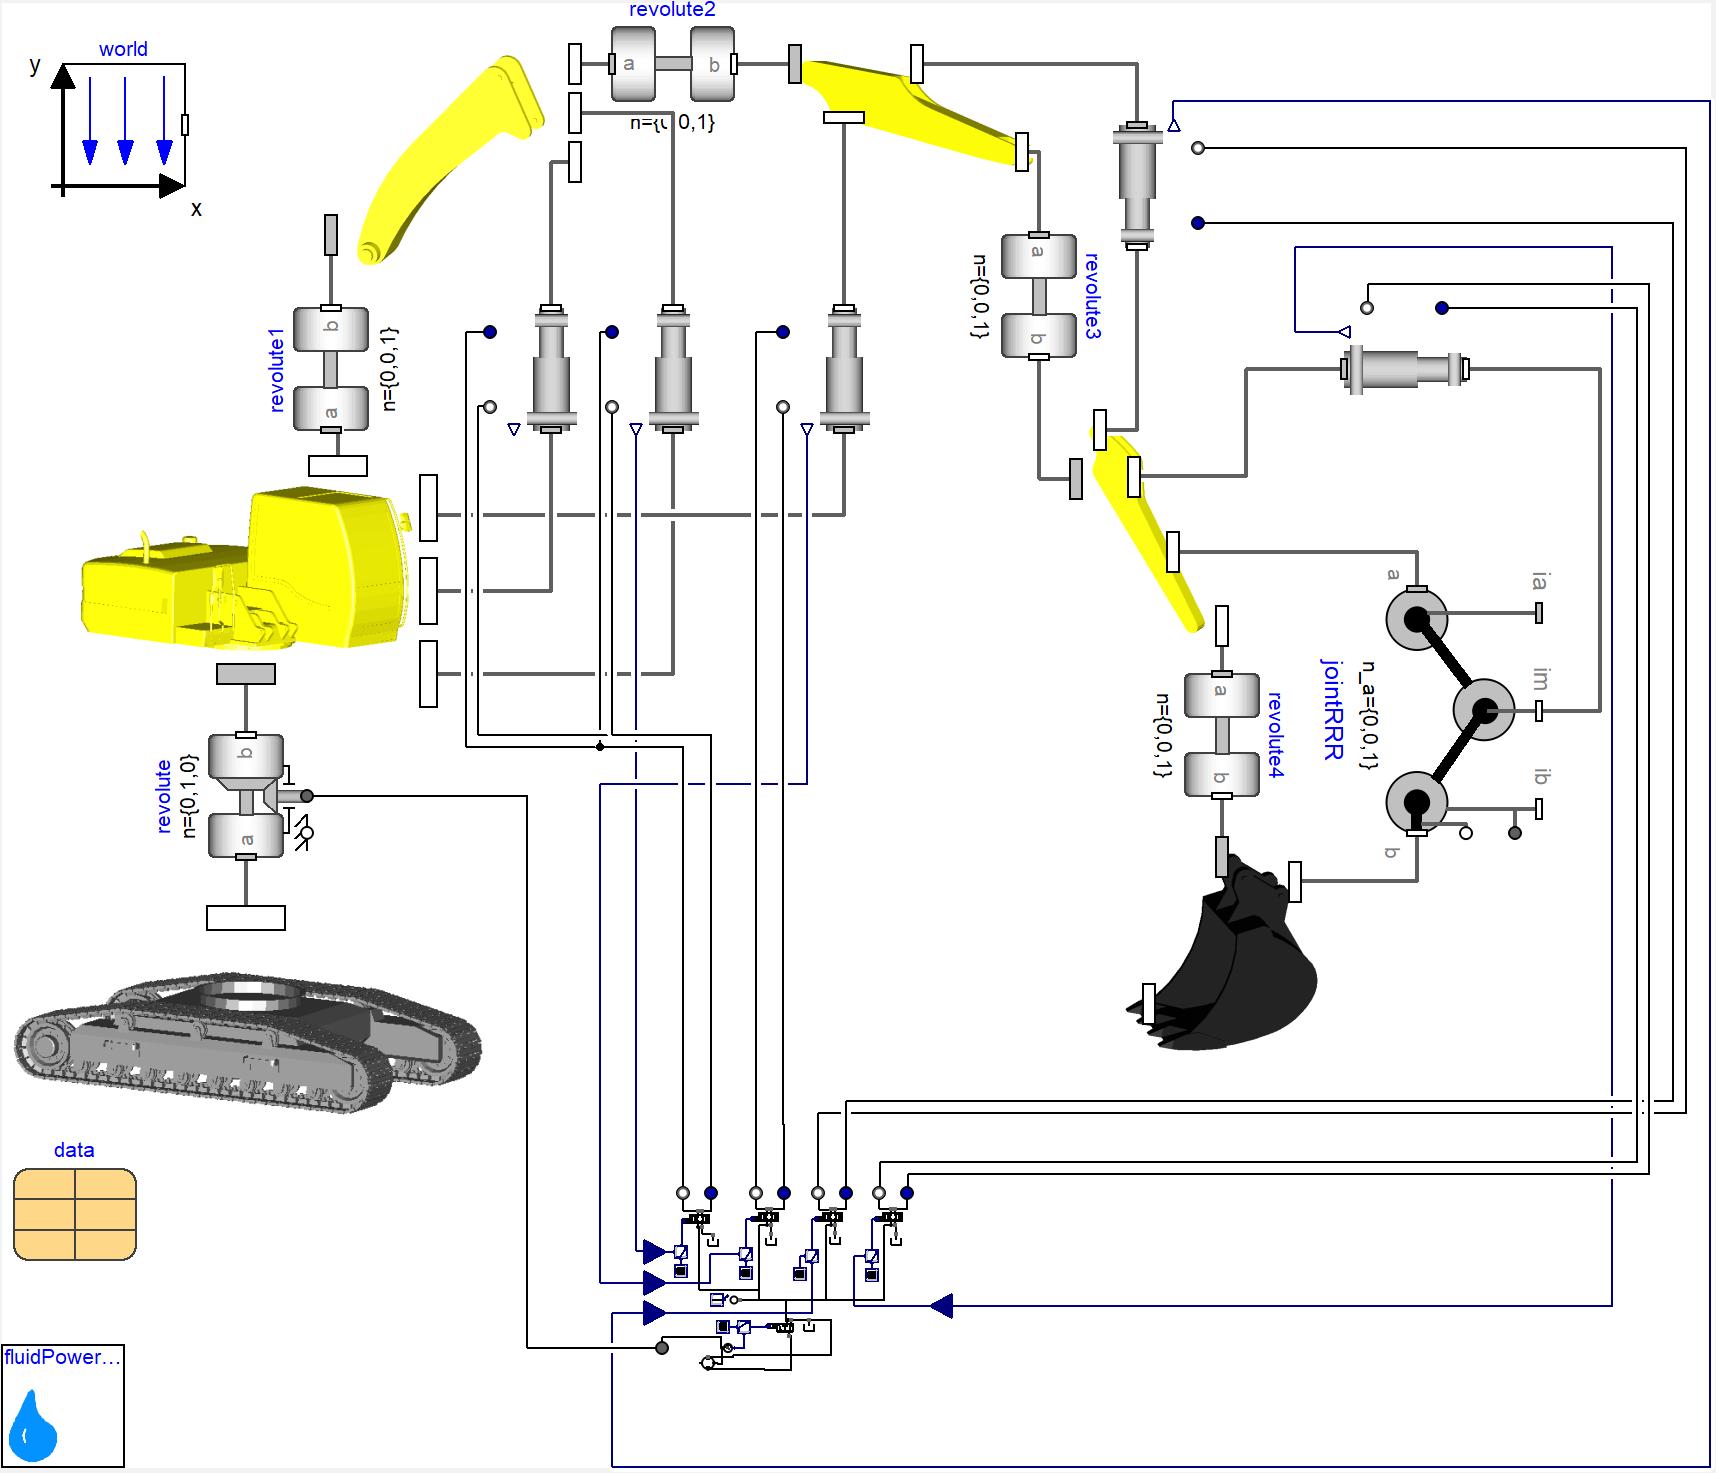 Fluid Power Library Claytex Excavator Schematic 123